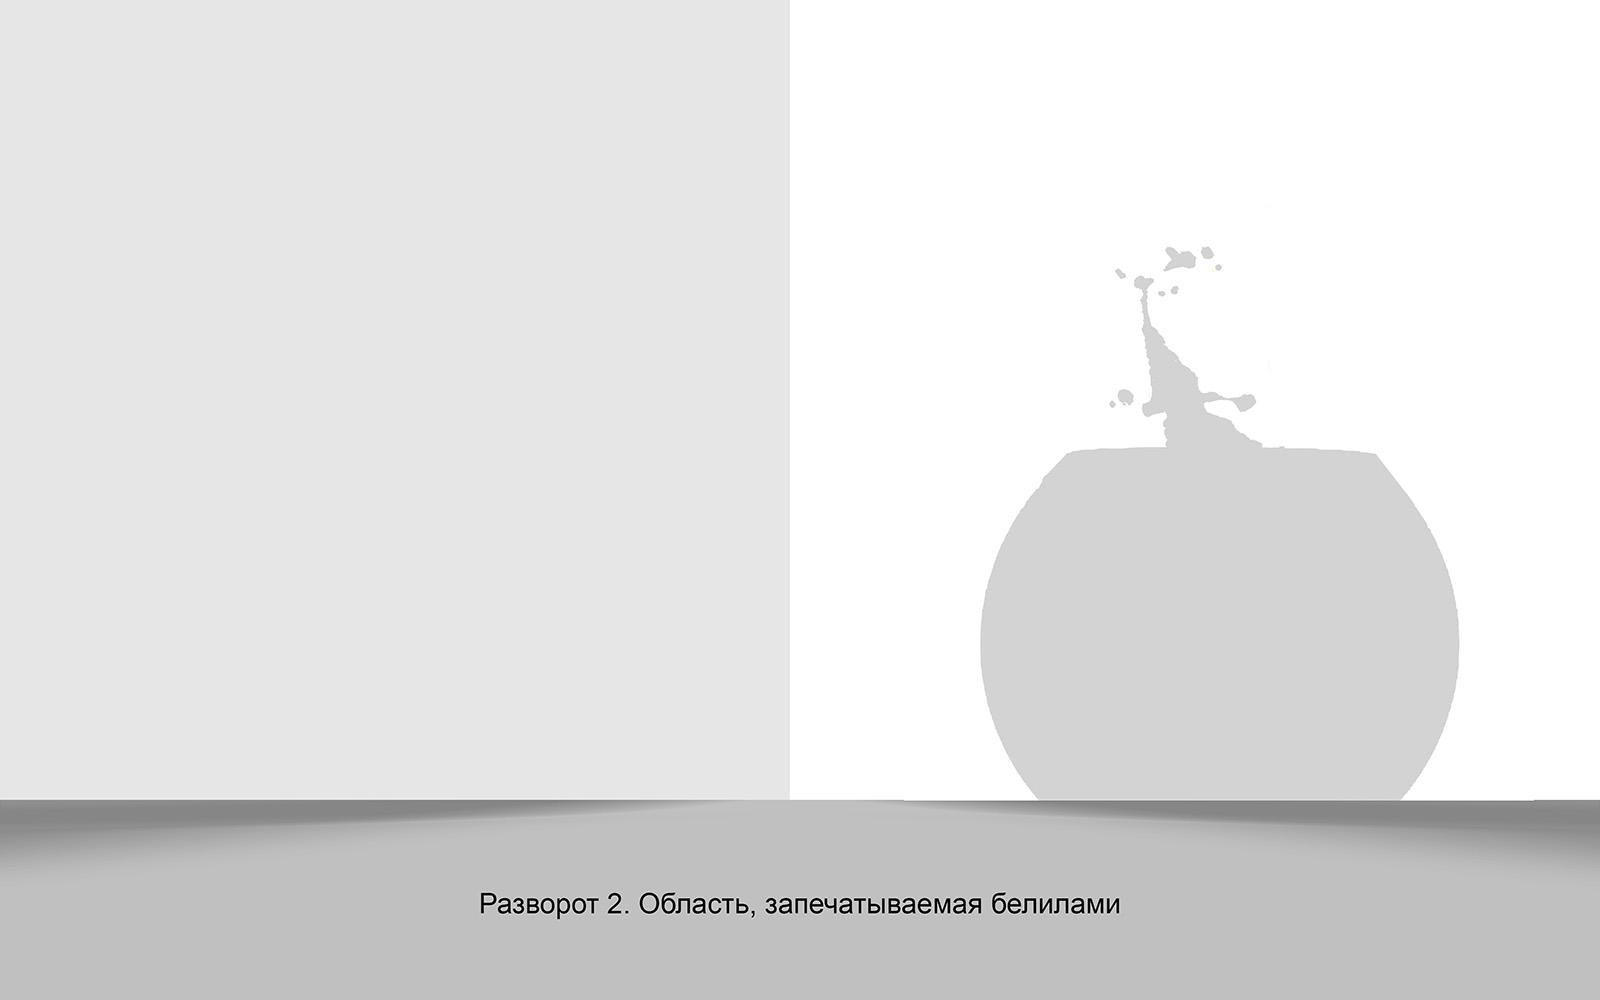 Дизайн рекламной брошюры возможностей типографии фото f_0885648d4bb4589e.jpg